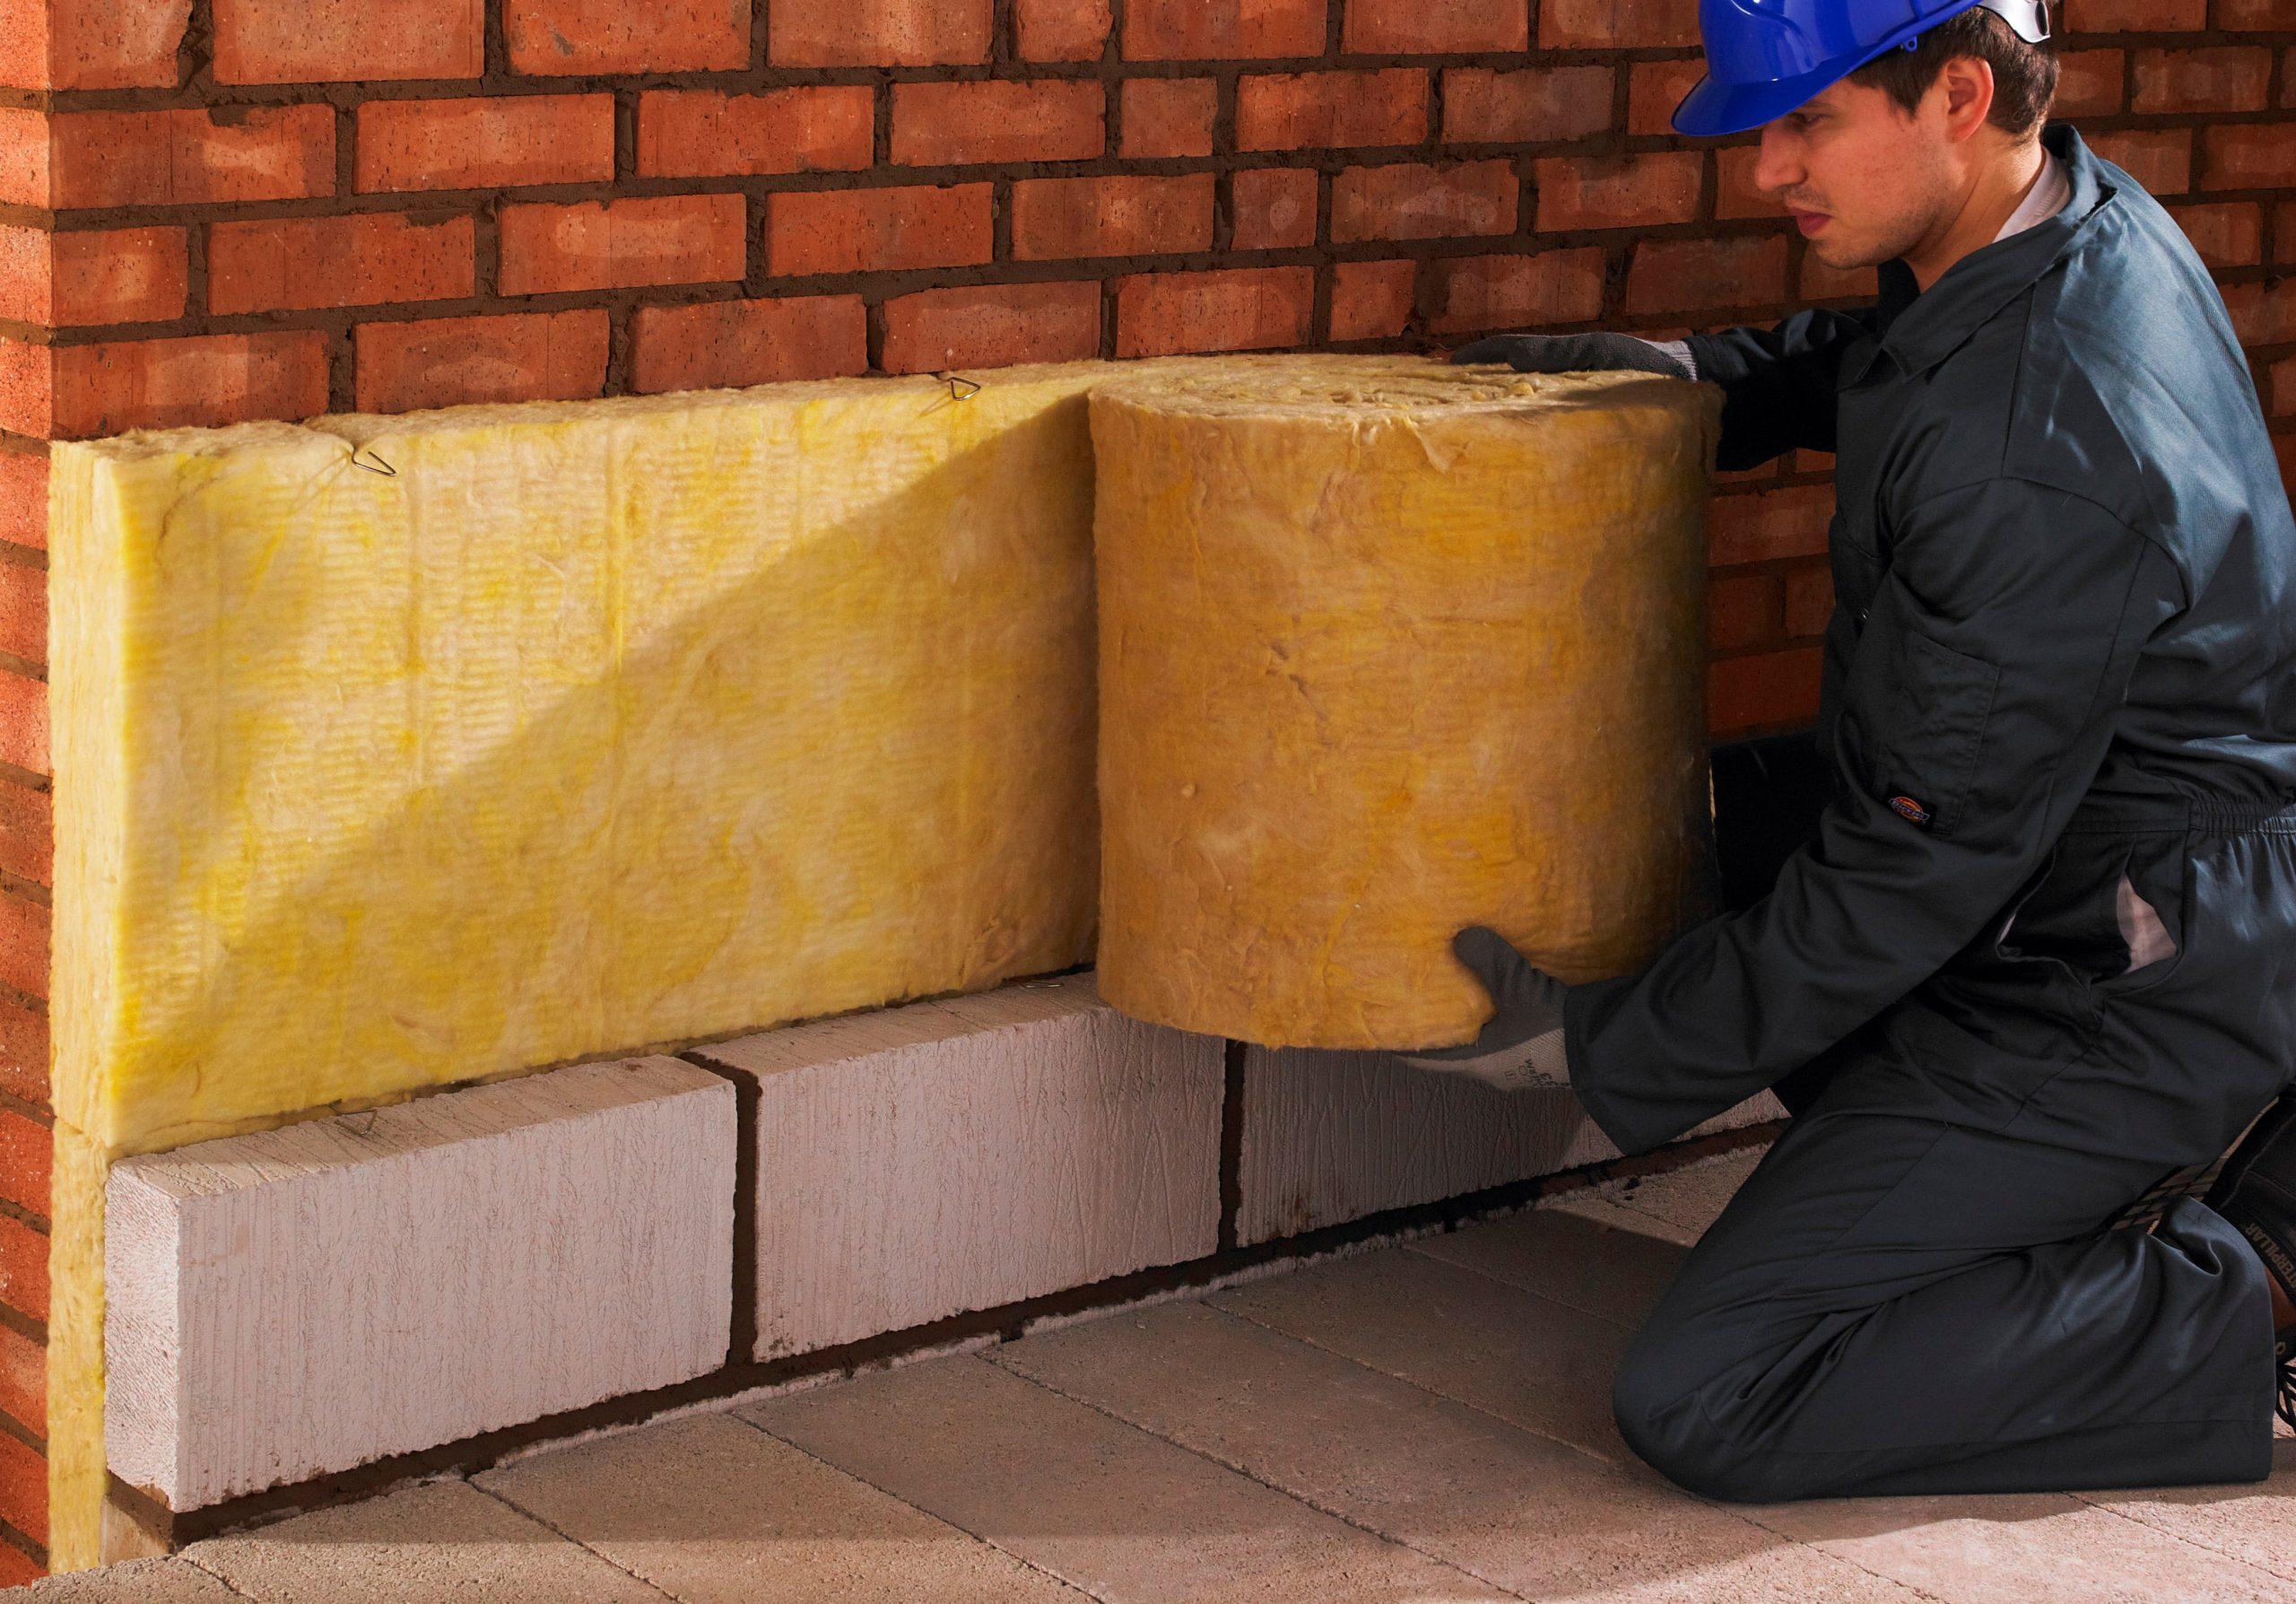 استفاده از پشم سنگ بهتر است یا پشم شیشه؟ استوارسازان